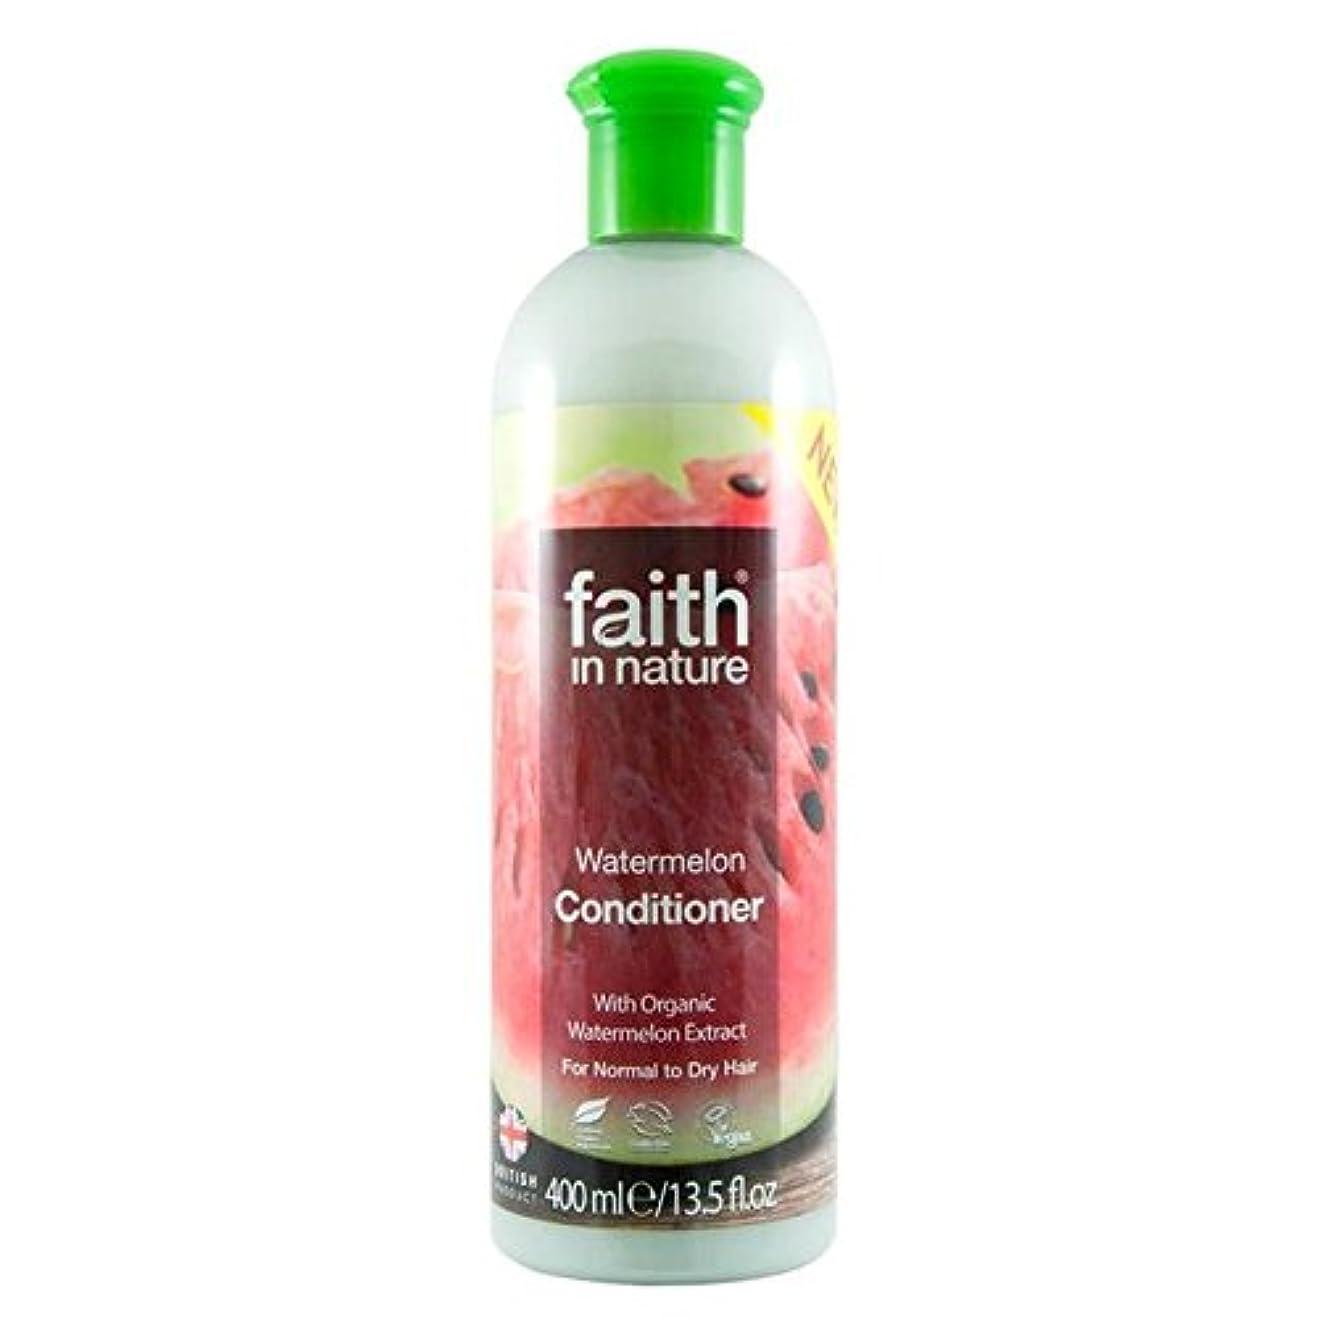 デンプシー観客動員するFaith in Nature Watermelon Conditioner 400ml - (Faith In Nature) 自然スイカコンディショナー400ミリリットルの信仰 [並行輸入品]